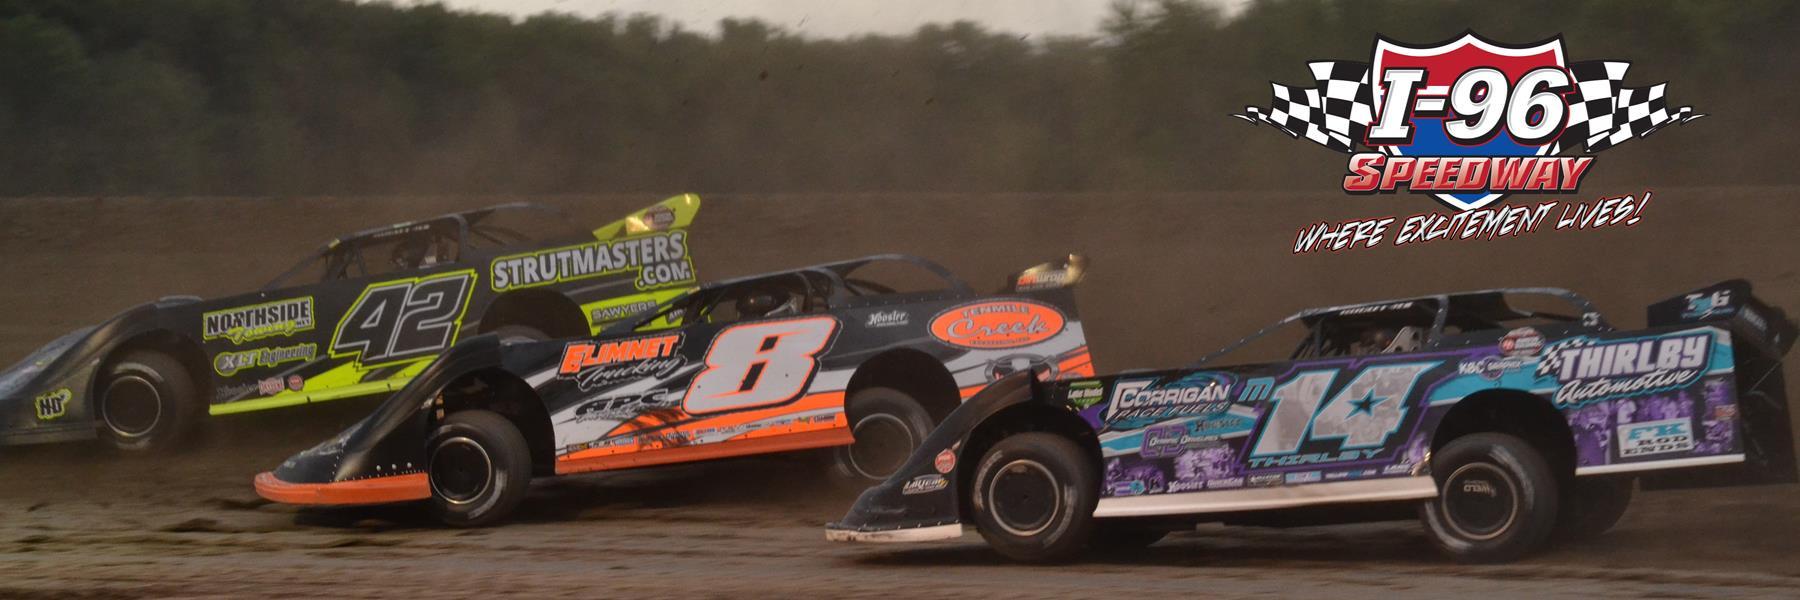 8/27/2021 - I-96 Speedway